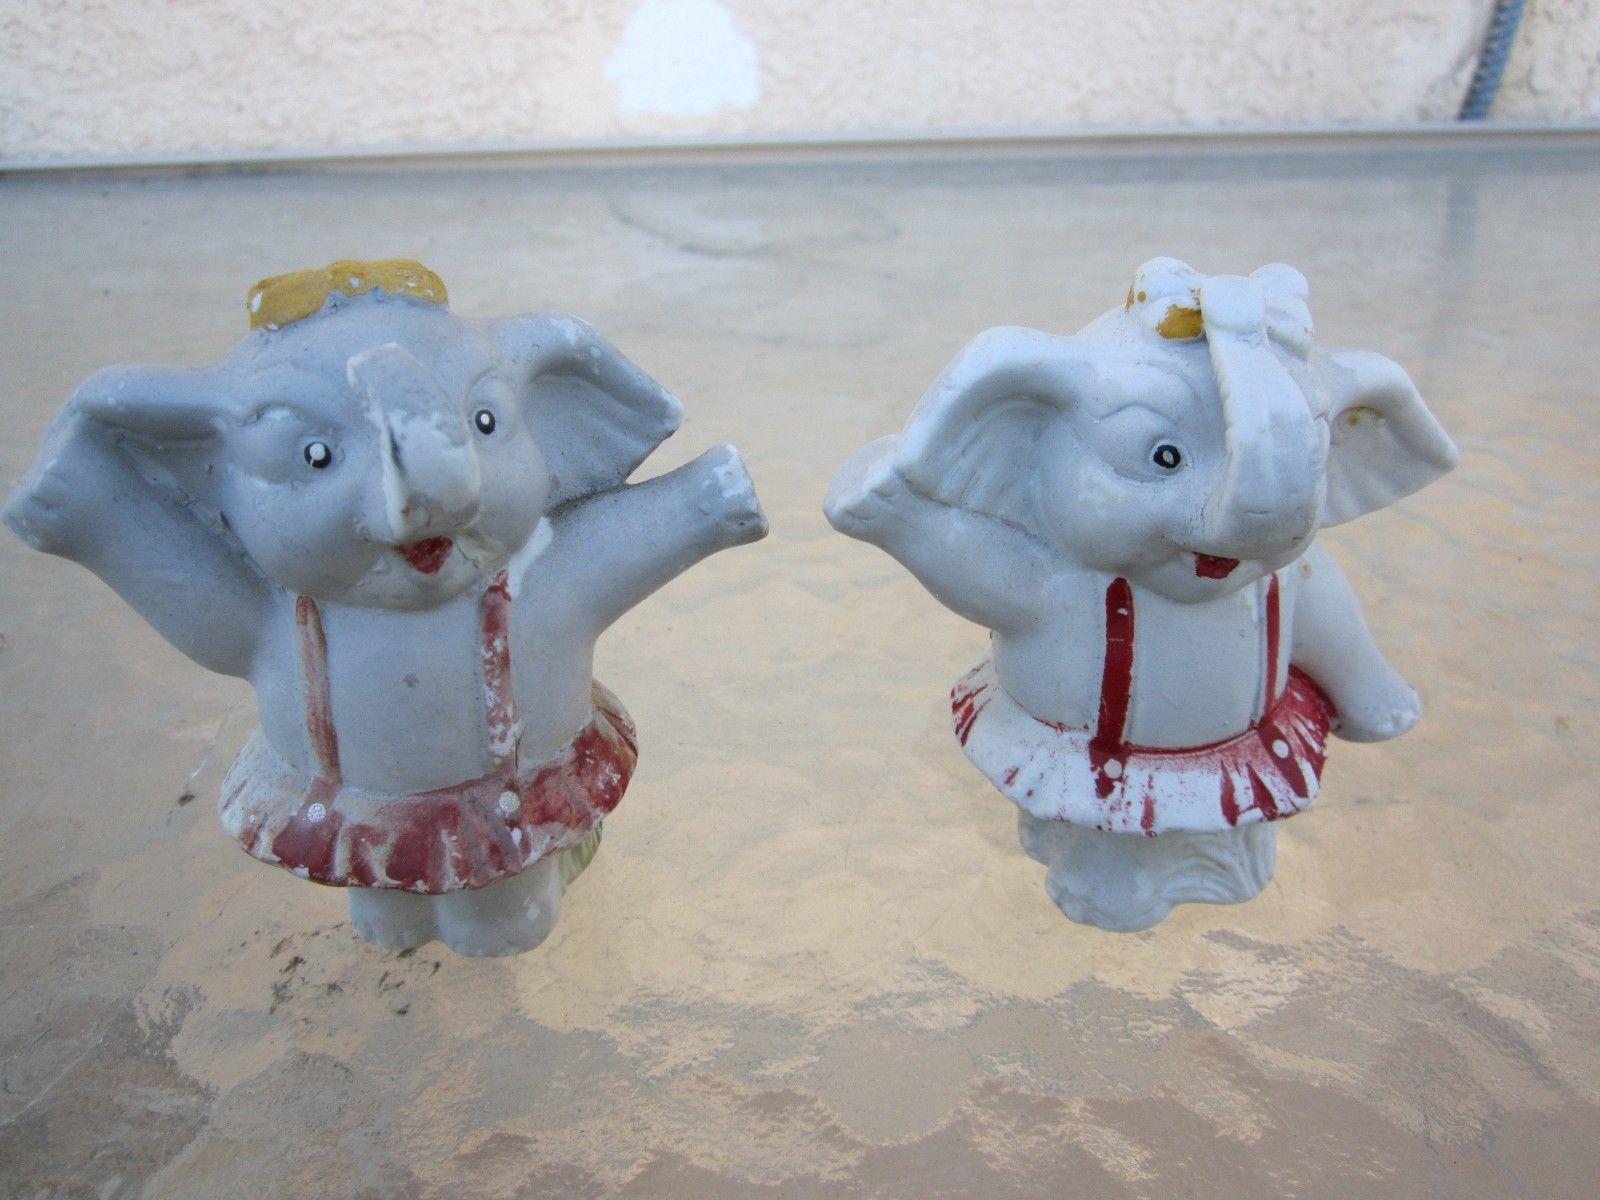 Elephant figurine miniature elephant decorative figurine for Elephant decorations for home